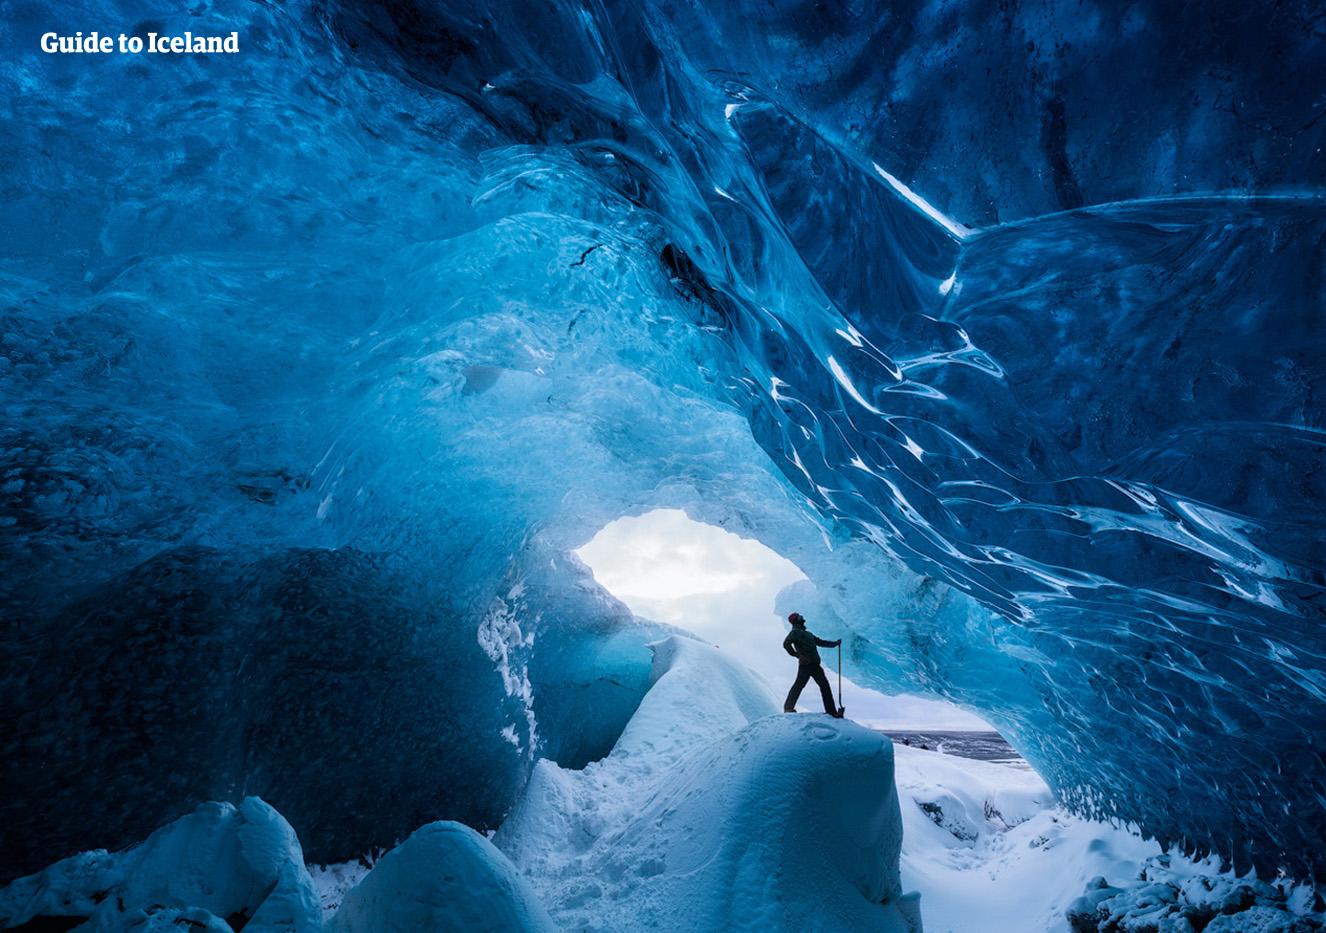 Entrare in una grotta di ghiaccio è una delle esperienze più memorabili per chi visita l'Islanda.